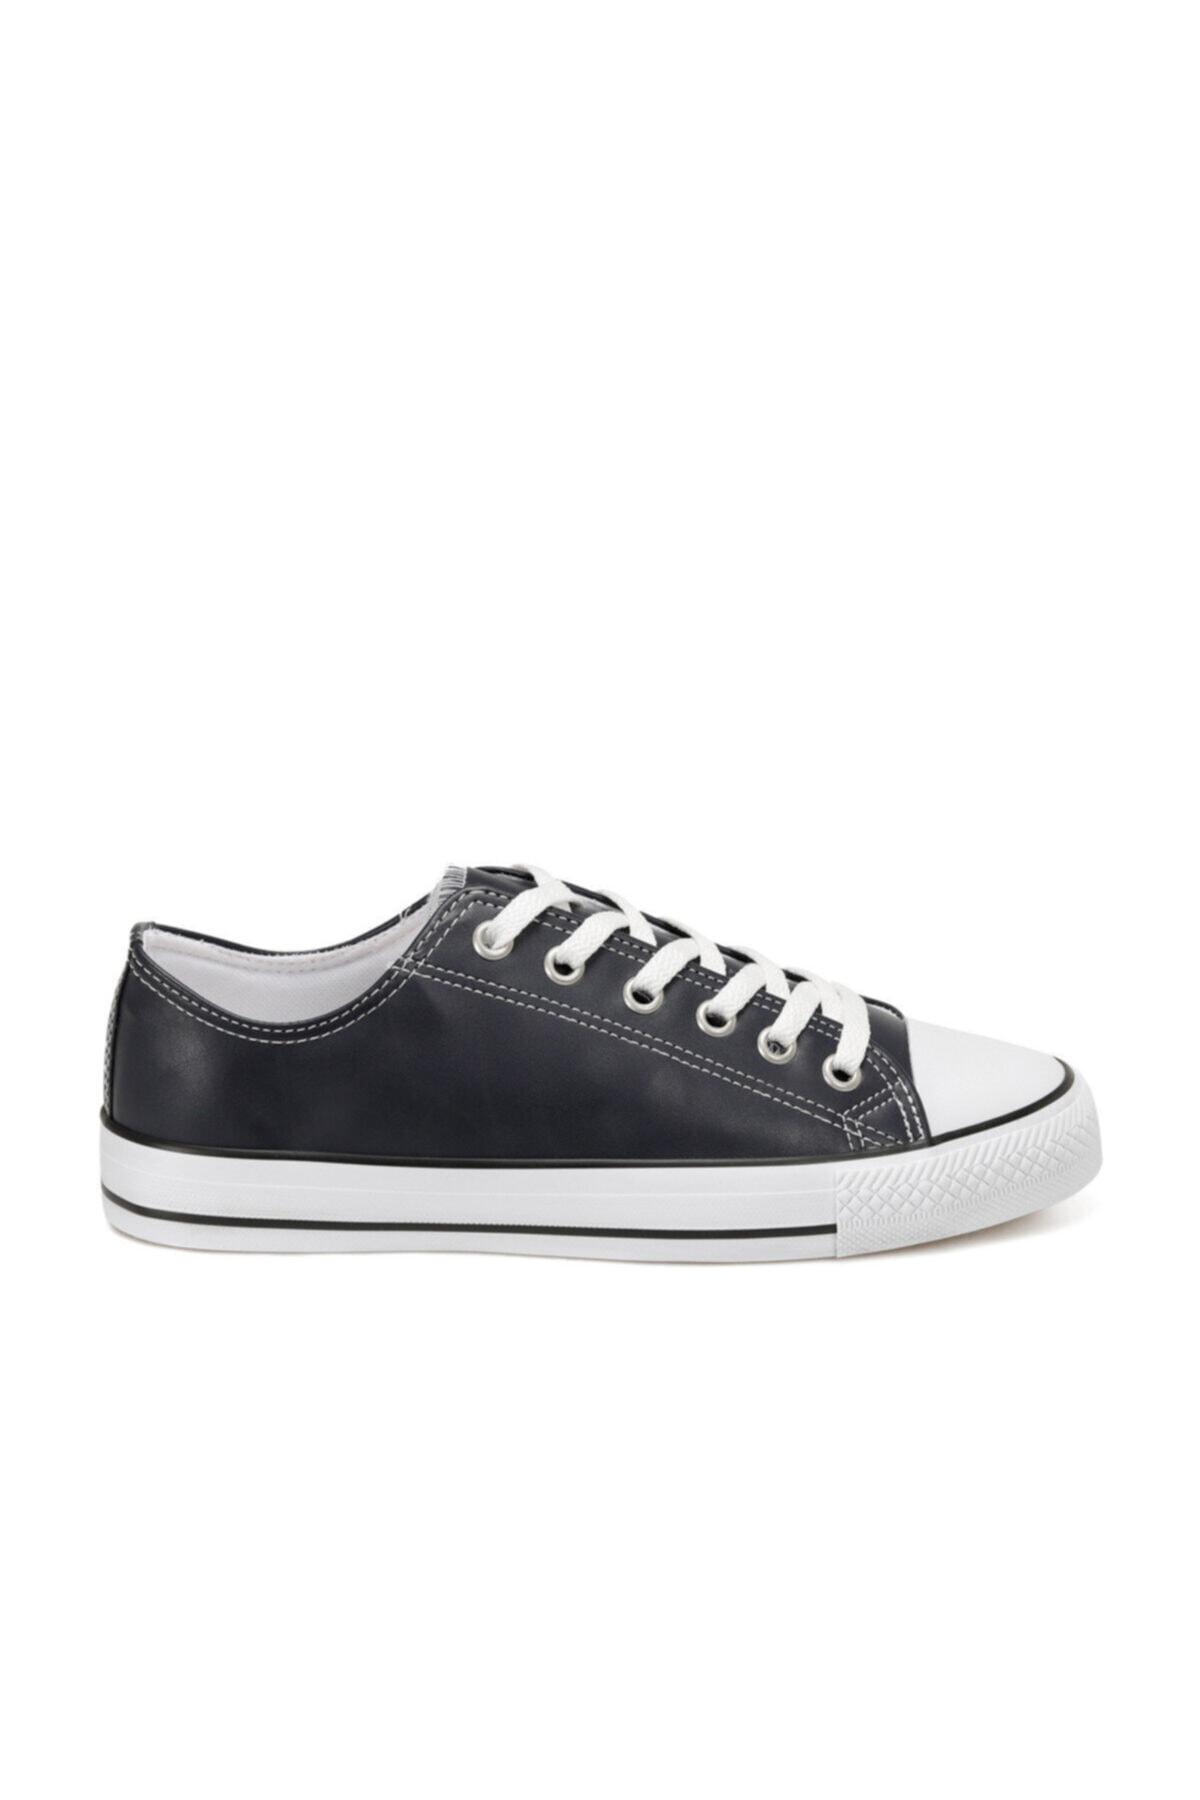 FORESTER EC-2001 Lacivert Erkek Kalın Tabanlı Sneaker 100669573 2